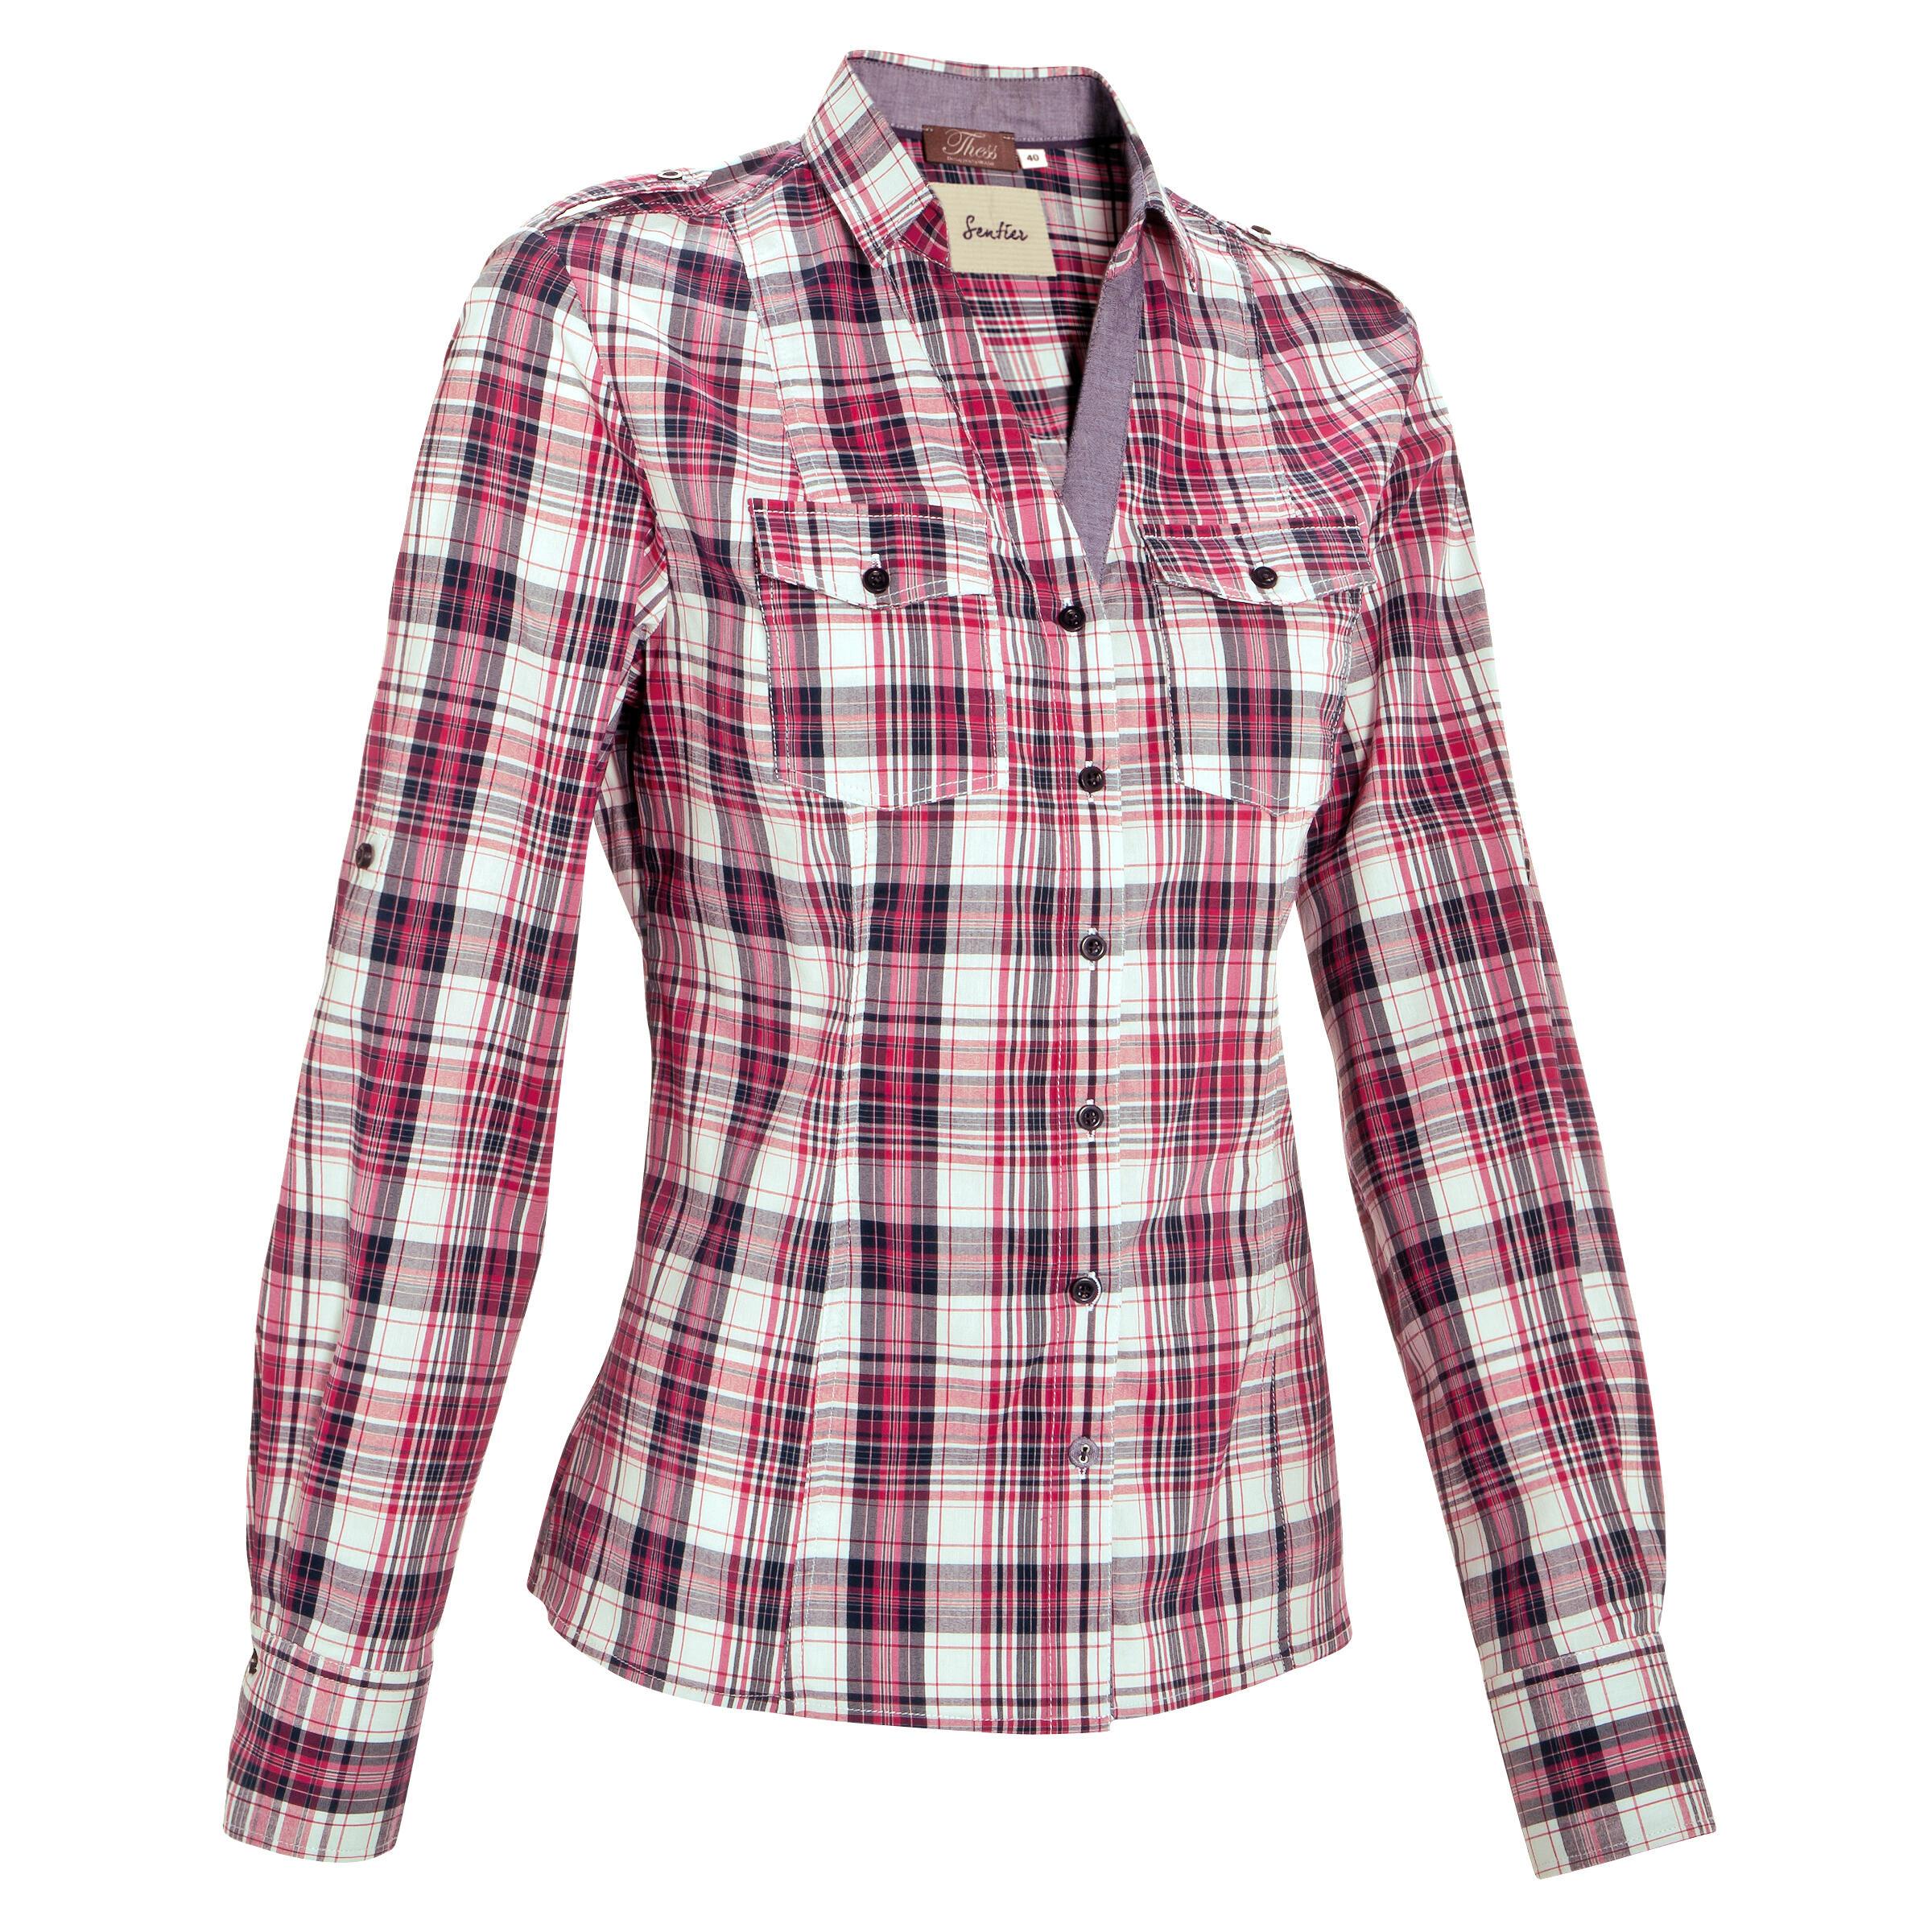 Chemise manches longues à carreaux équitation femme sentier rose et blanc okkso